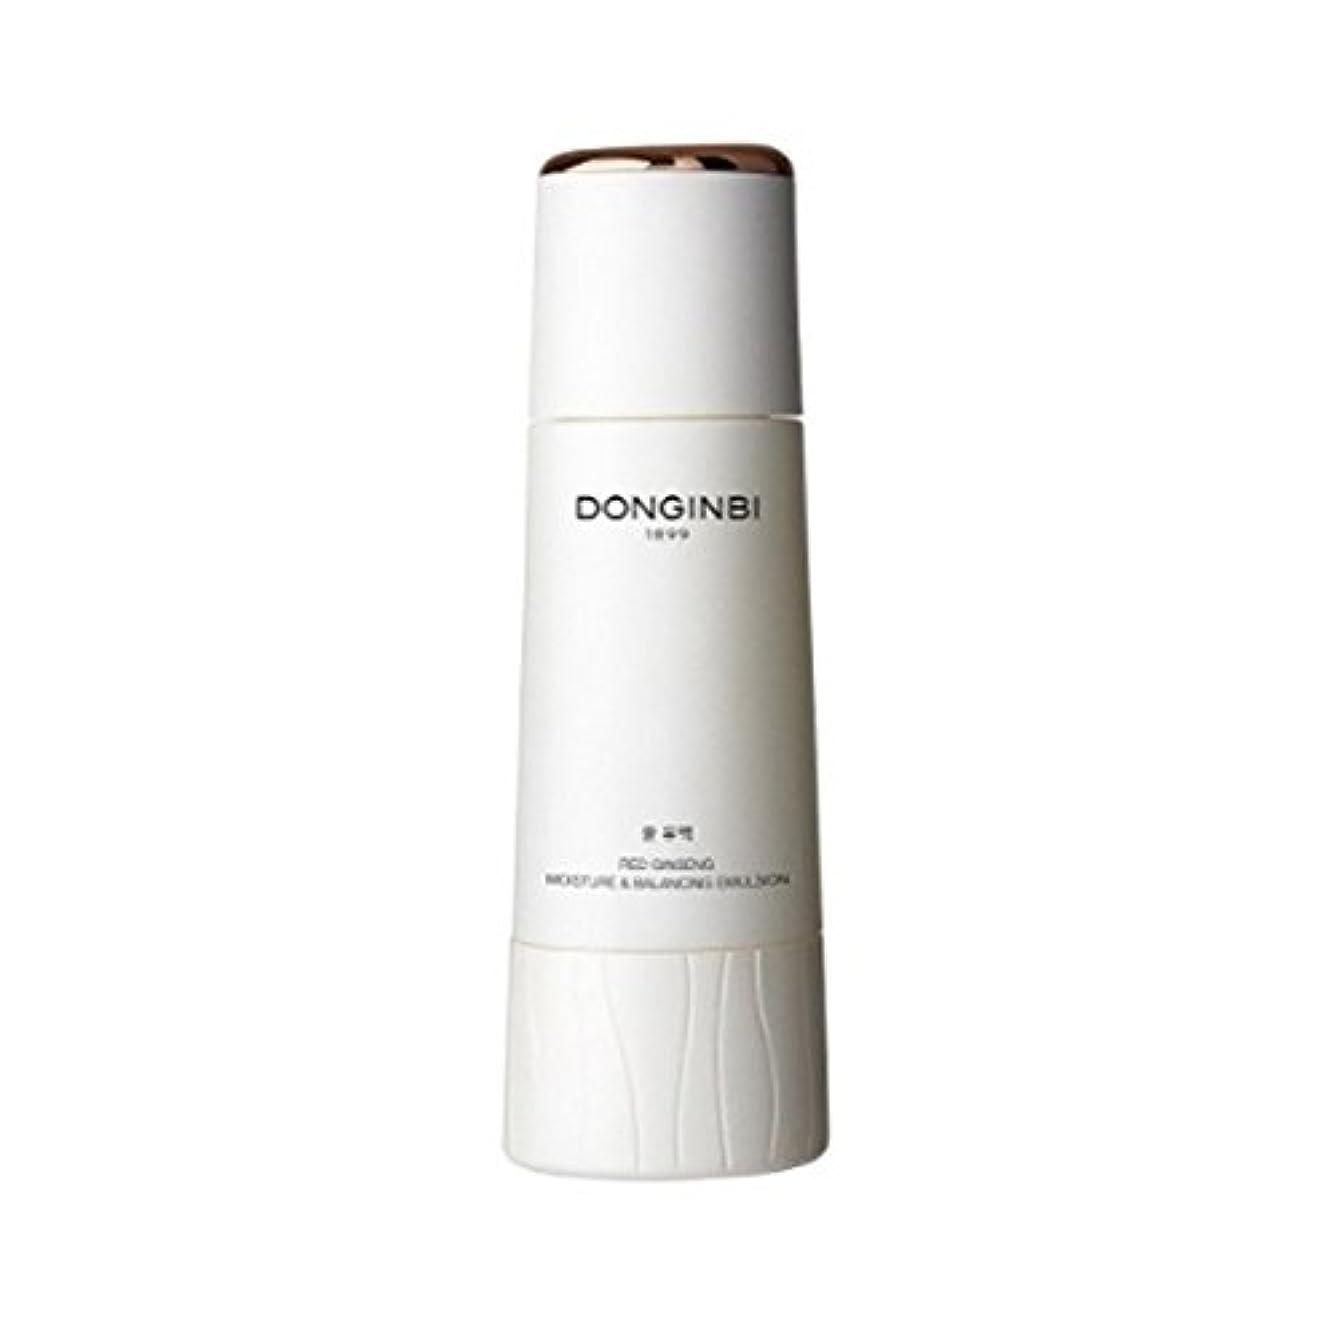 パケットコンペ連鎖[ドンインビ]DONGINBI ドンインビユン 乳液 130ml 海外直送品 Emulsion130ml [並行輸入品]